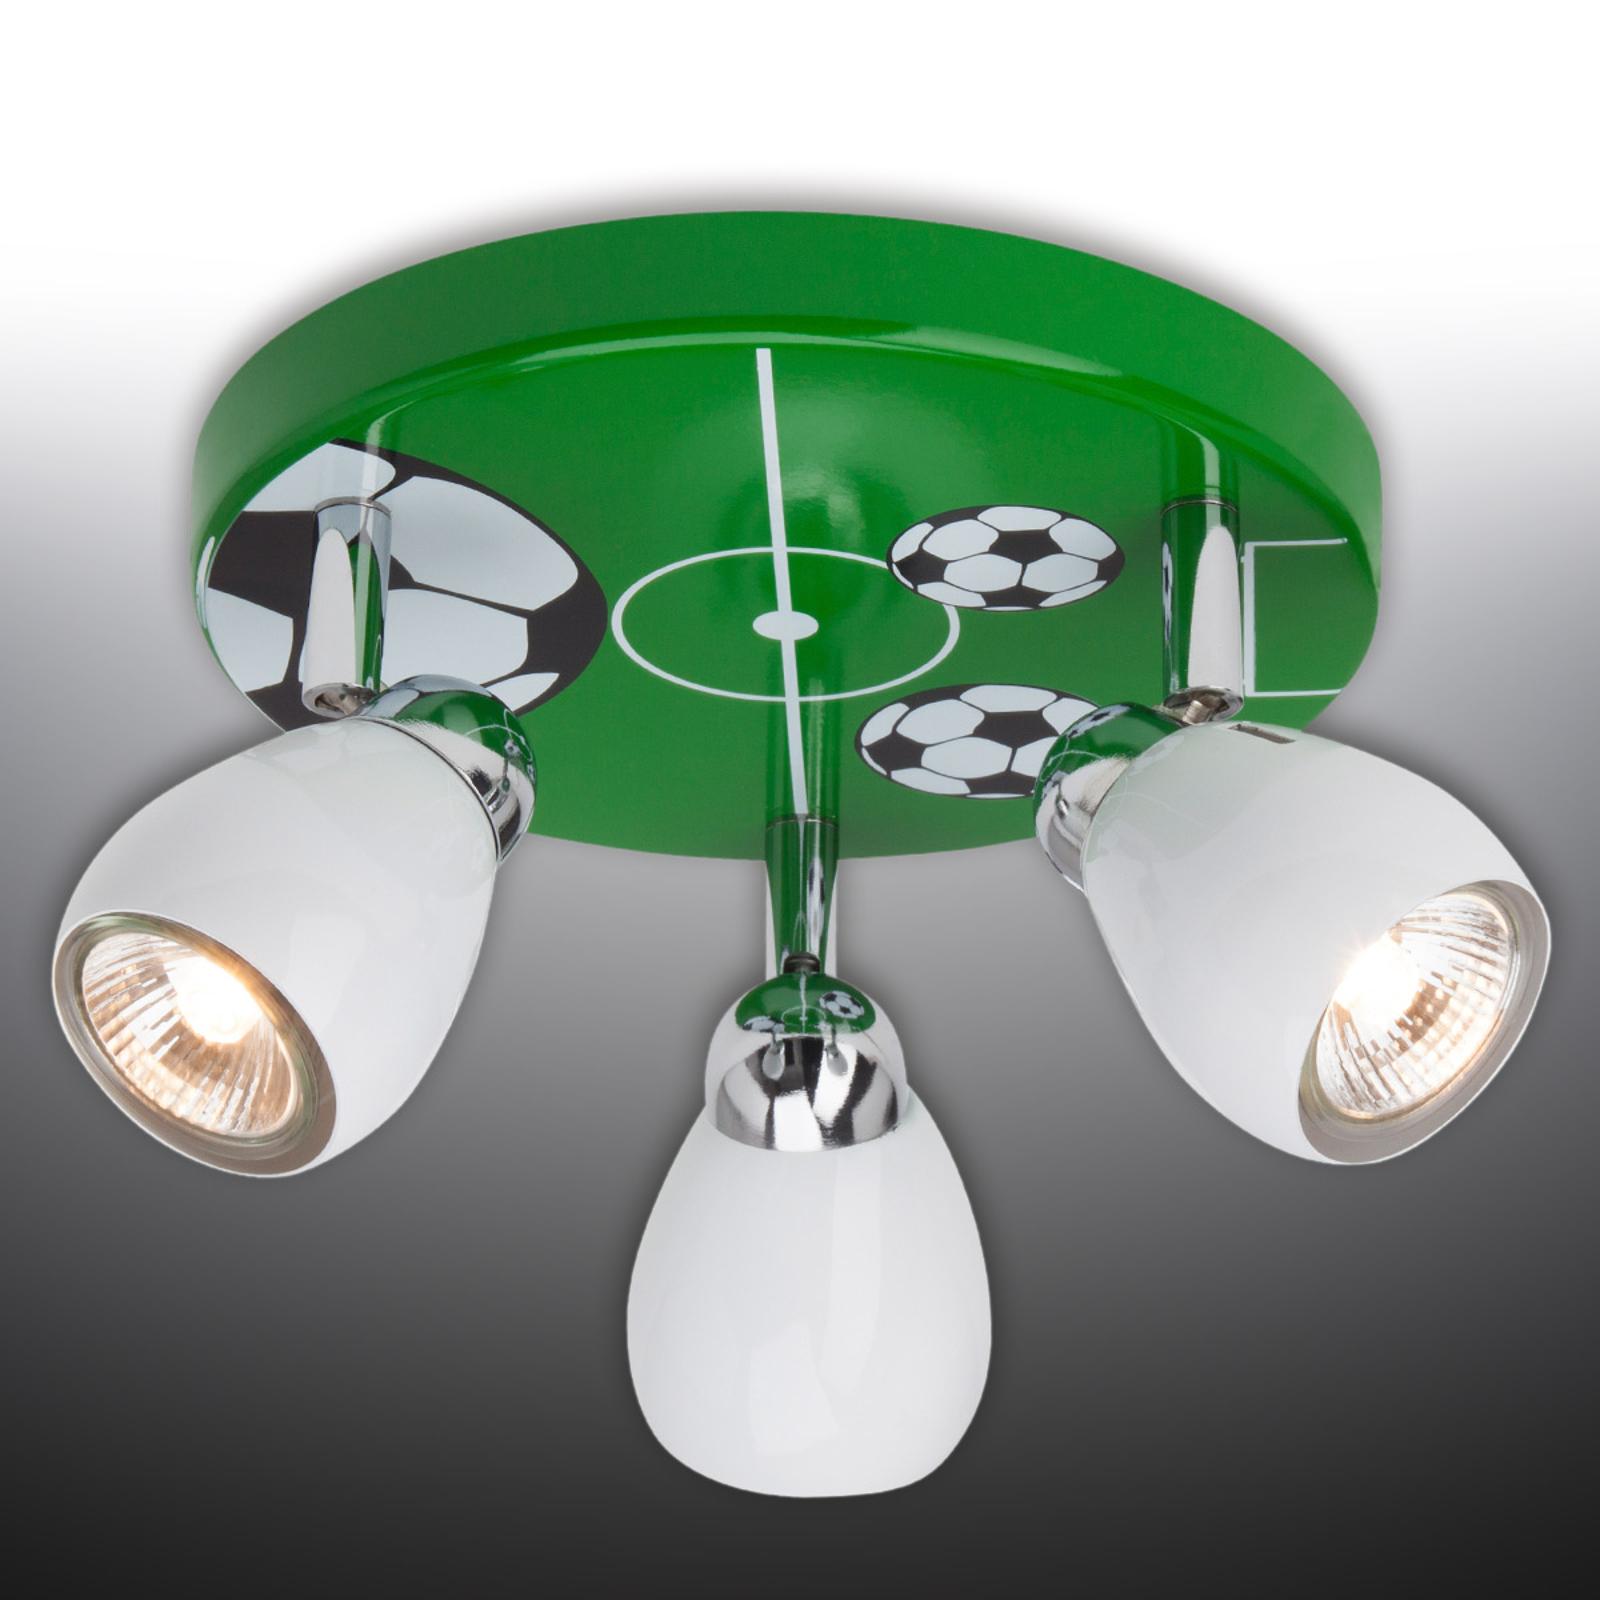 Stropné LED svietidlo Soccer, tri svetlá_1507233_1